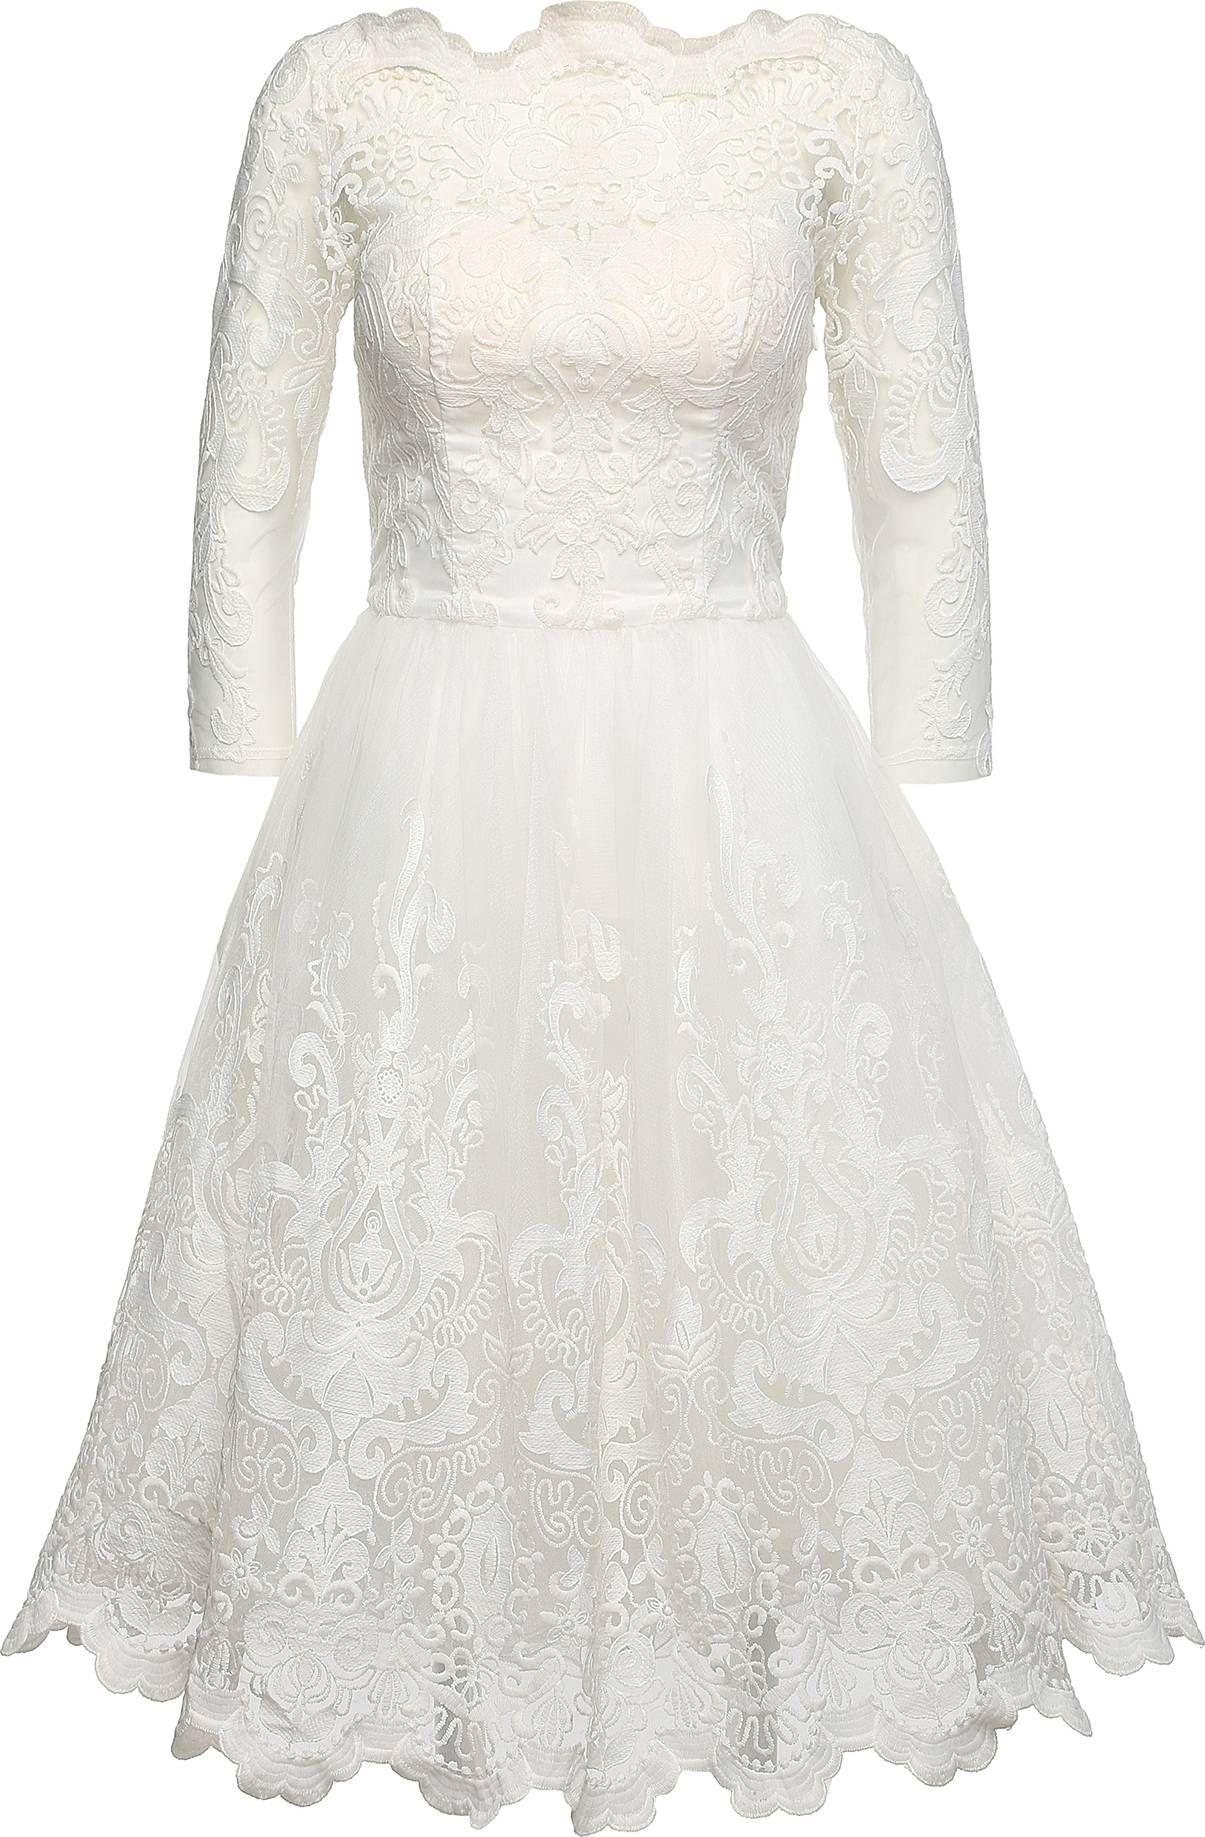 Spitzenkleid 'FLORA DRESS' von Chi Chi London. Schnelle ...